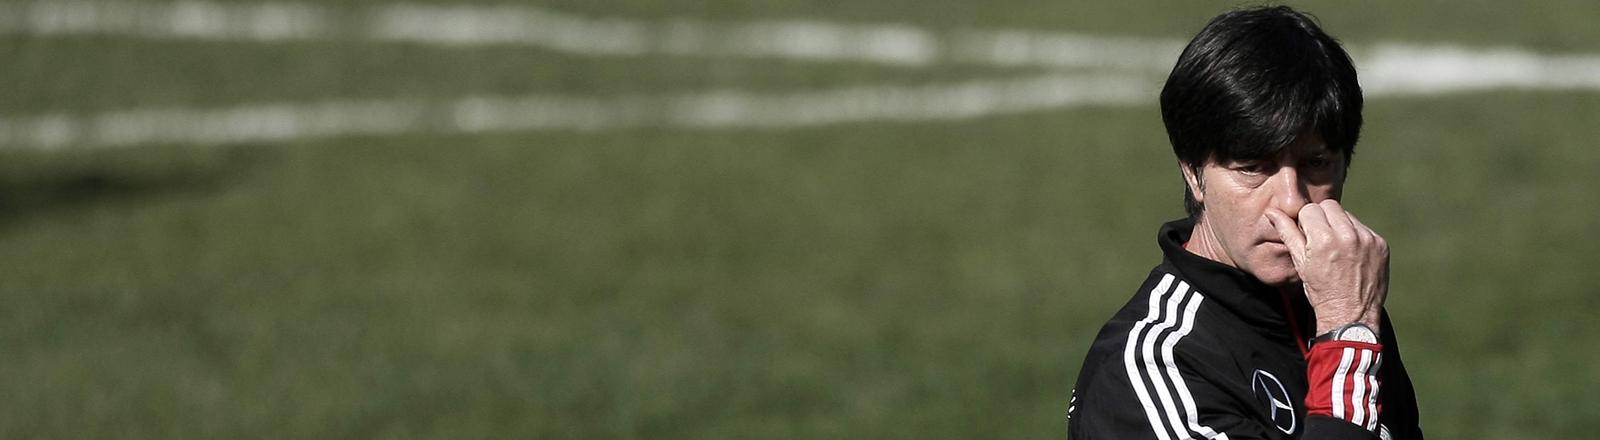 Bundestrainer Jogi Löw fasst sich an die Nase.